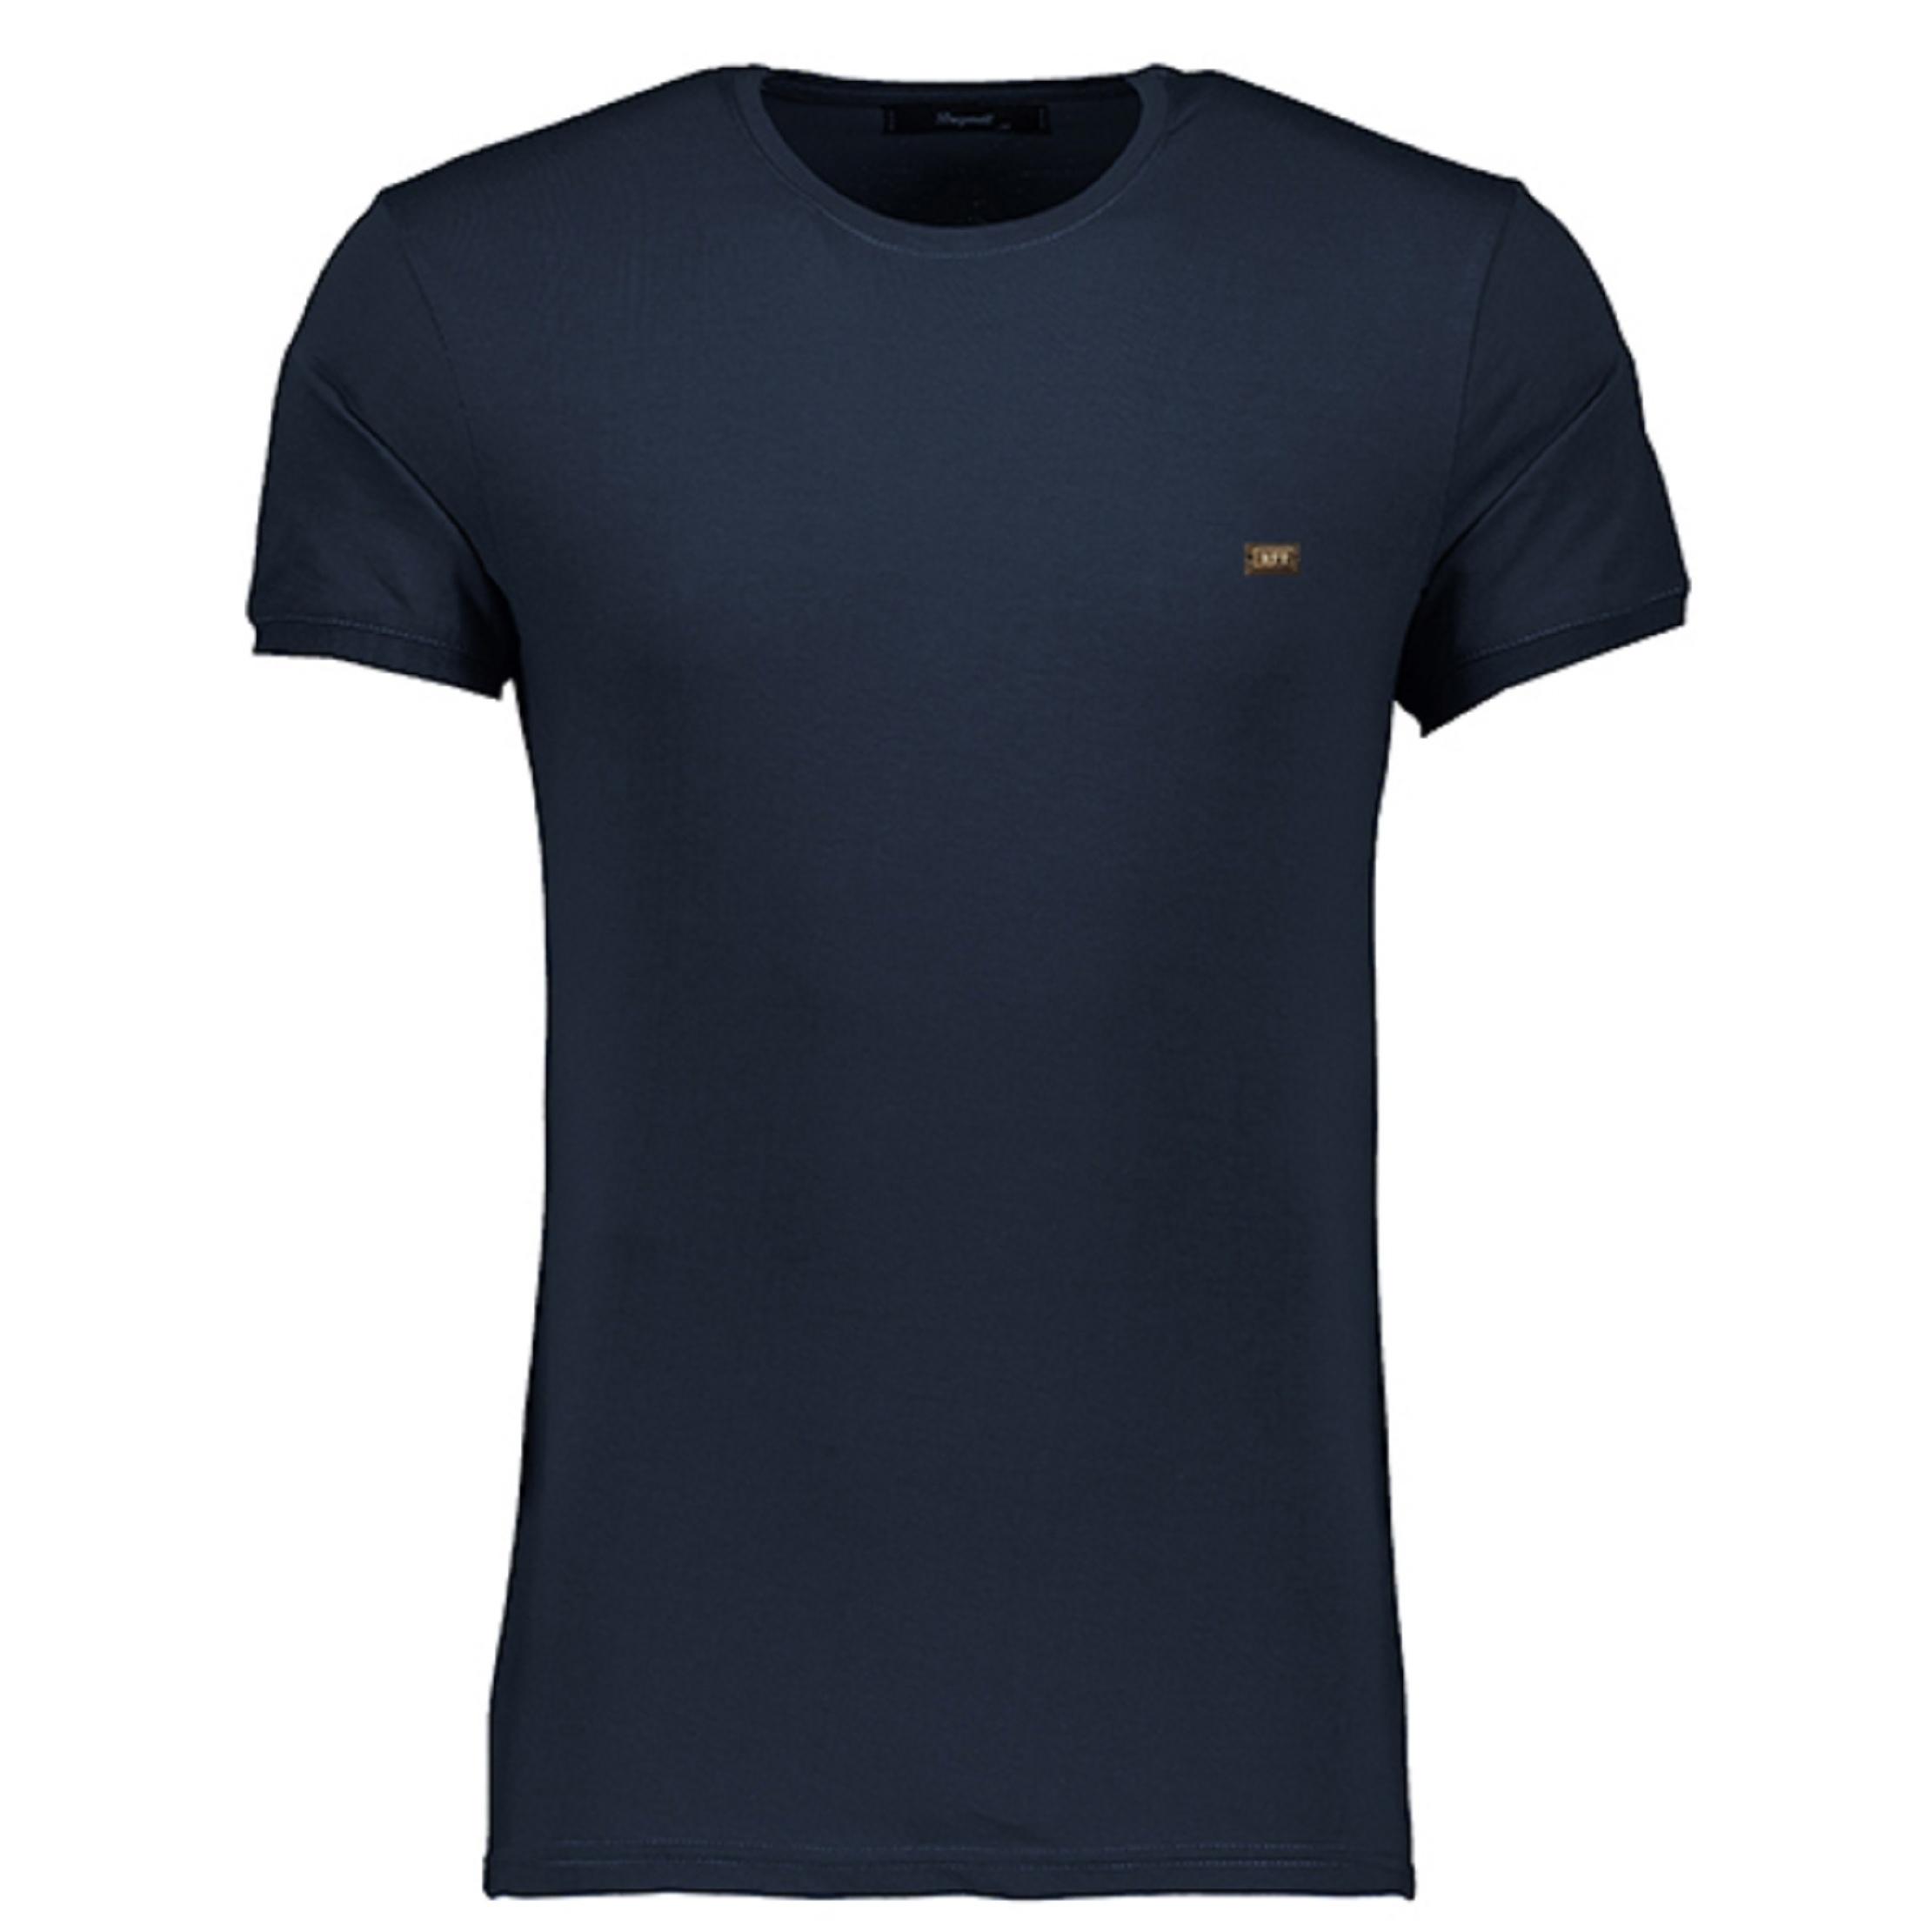 تی شرت آستین کوتاه مردانه باینت کد 334-2 btt